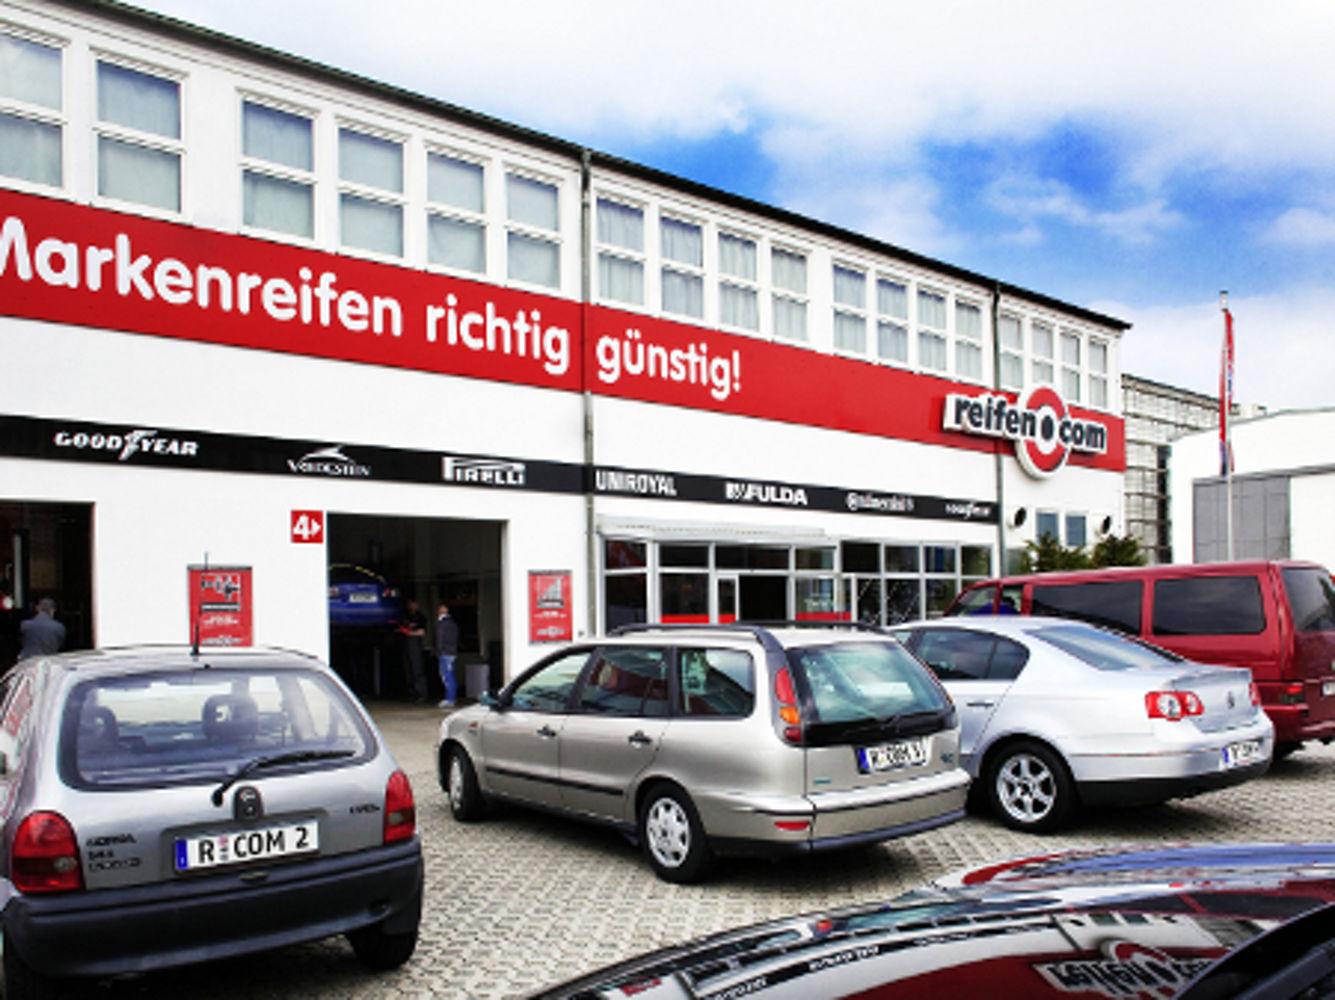 reifen.com-Filiale in Dresden